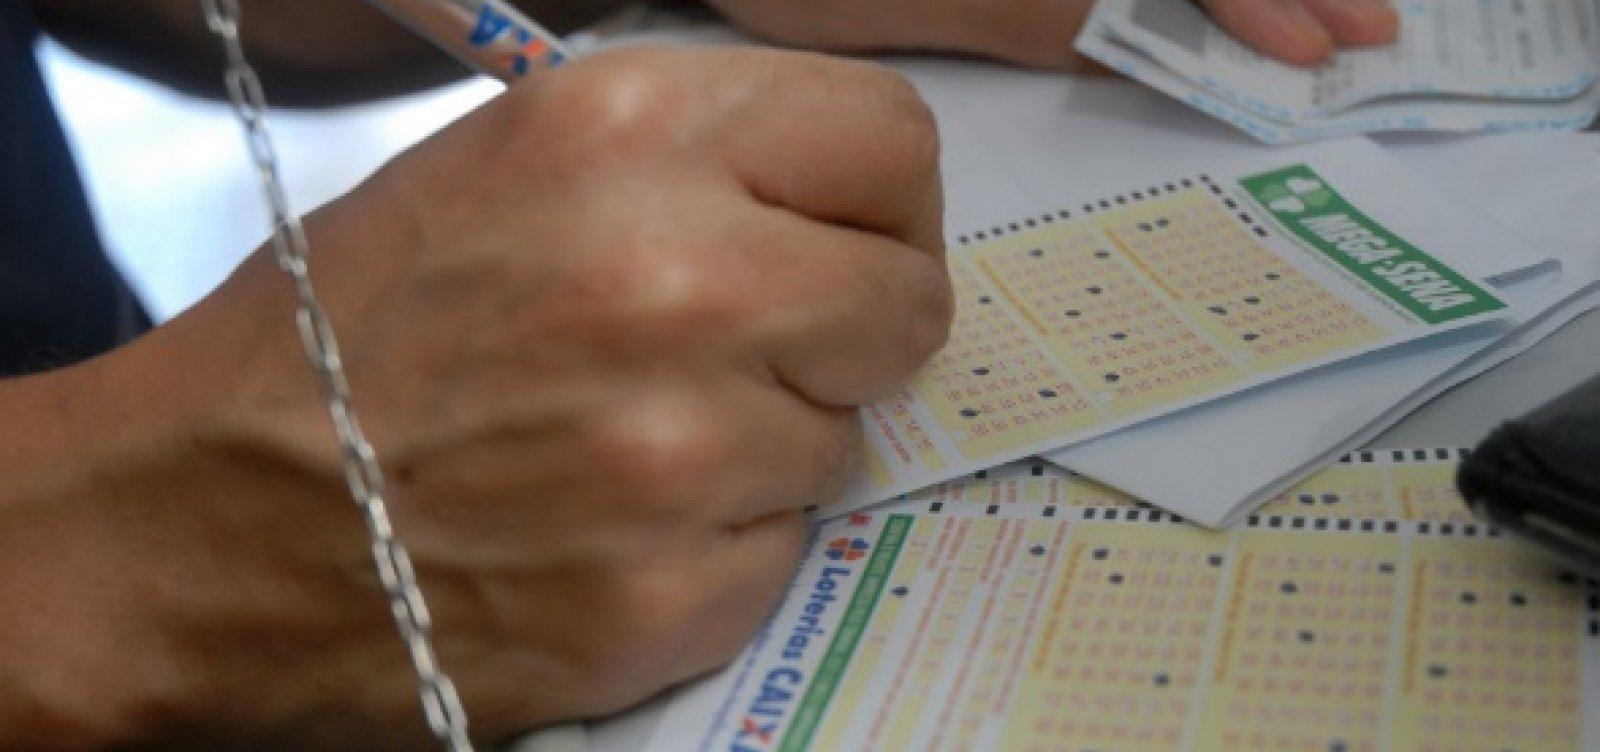 Mega-Sena: novo sorteio pode pagar R$ 6 milhões na quarta-feira